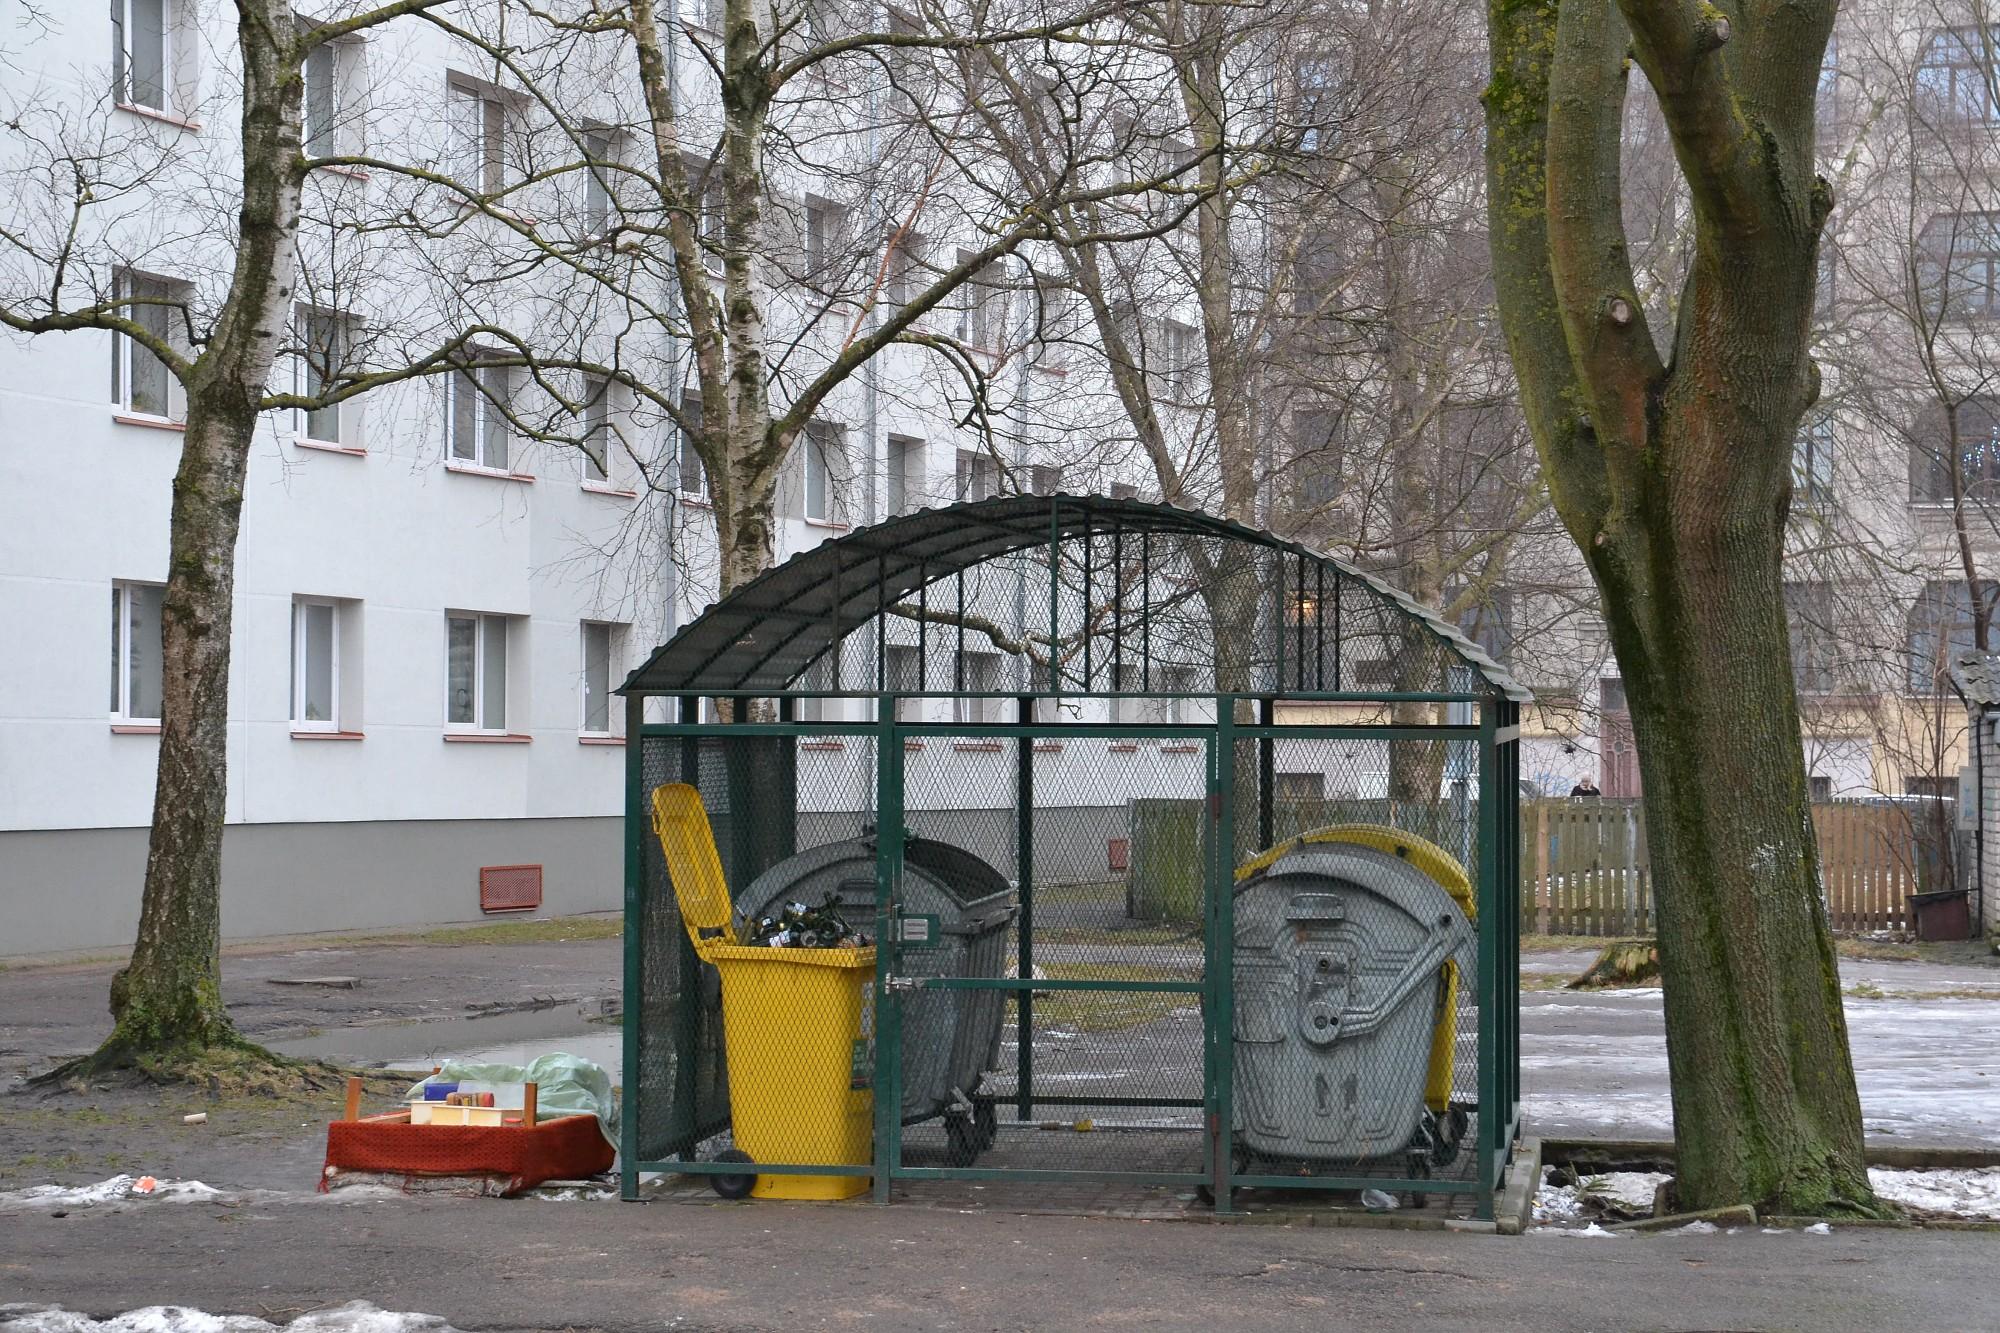 Atkritumu savākšanas punktu izveidei pašvaldība gatava atvēlēt 4000 eiro